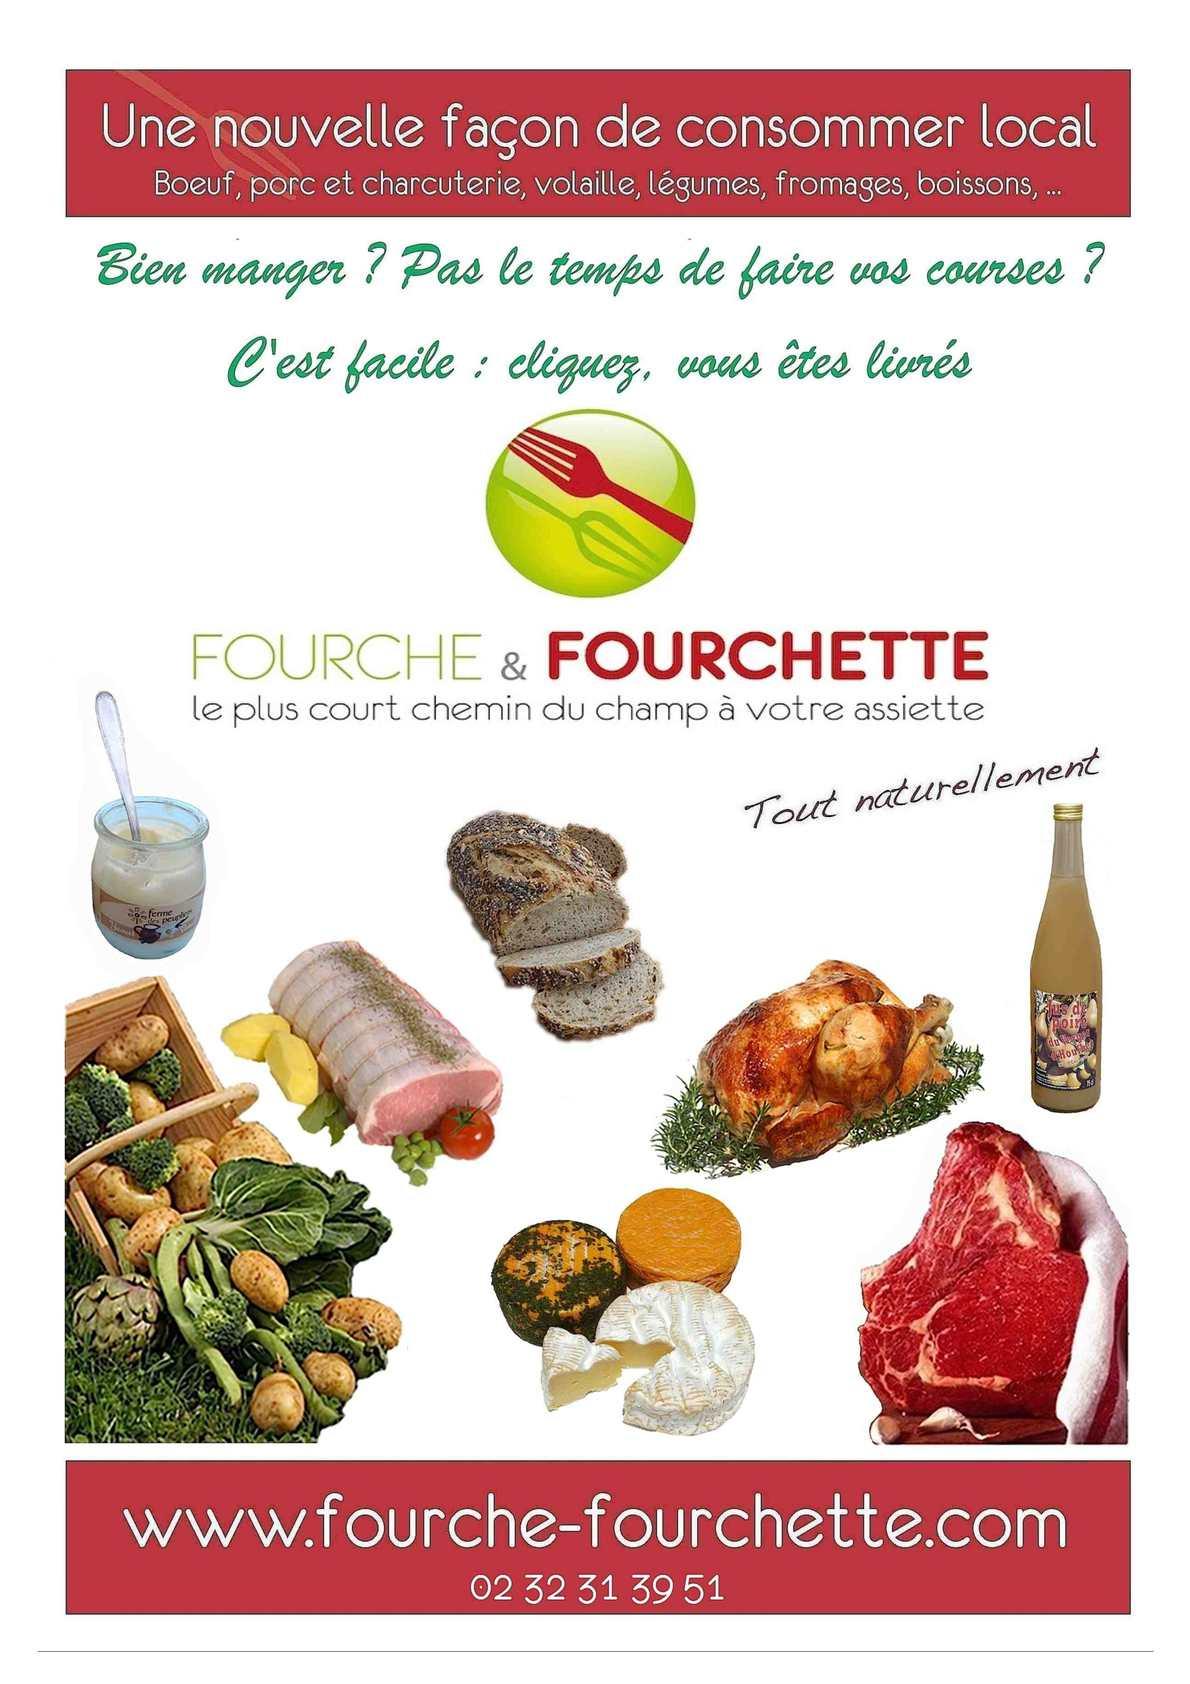 Calaméo - Fourche Fourchette - Livraison de produits frais à